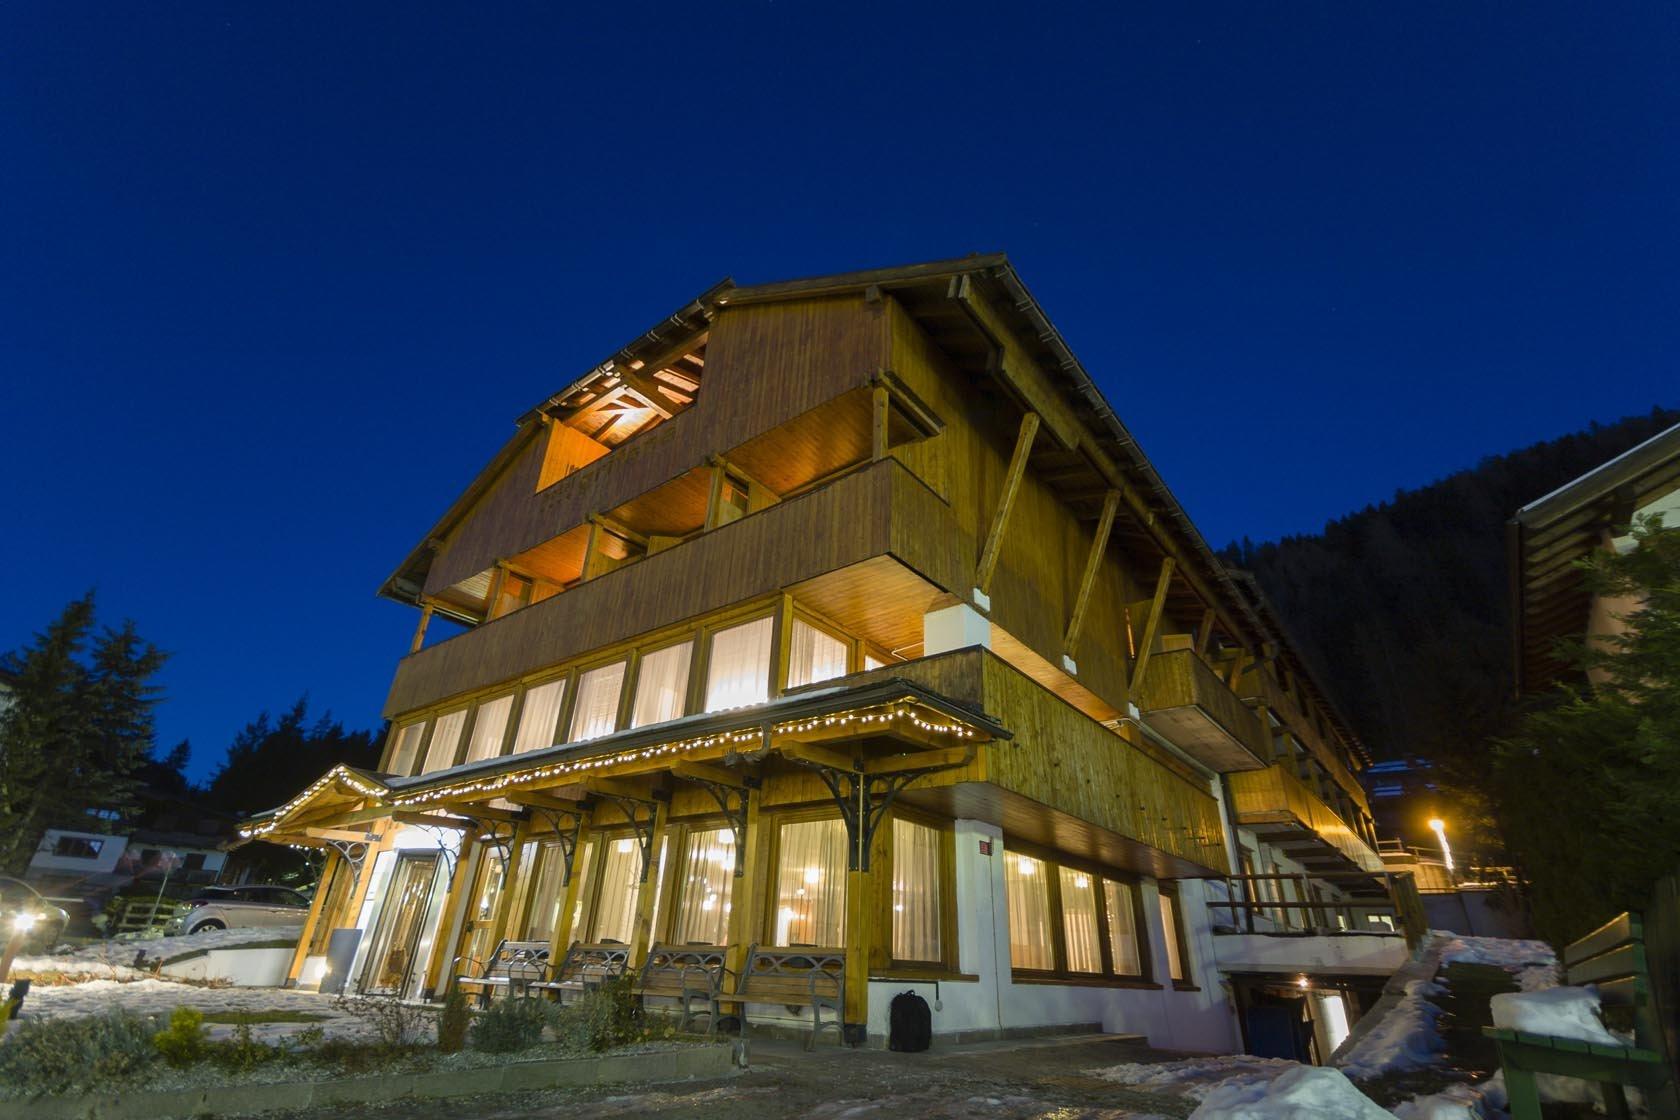 Grifone Hotel - Esterno struttura